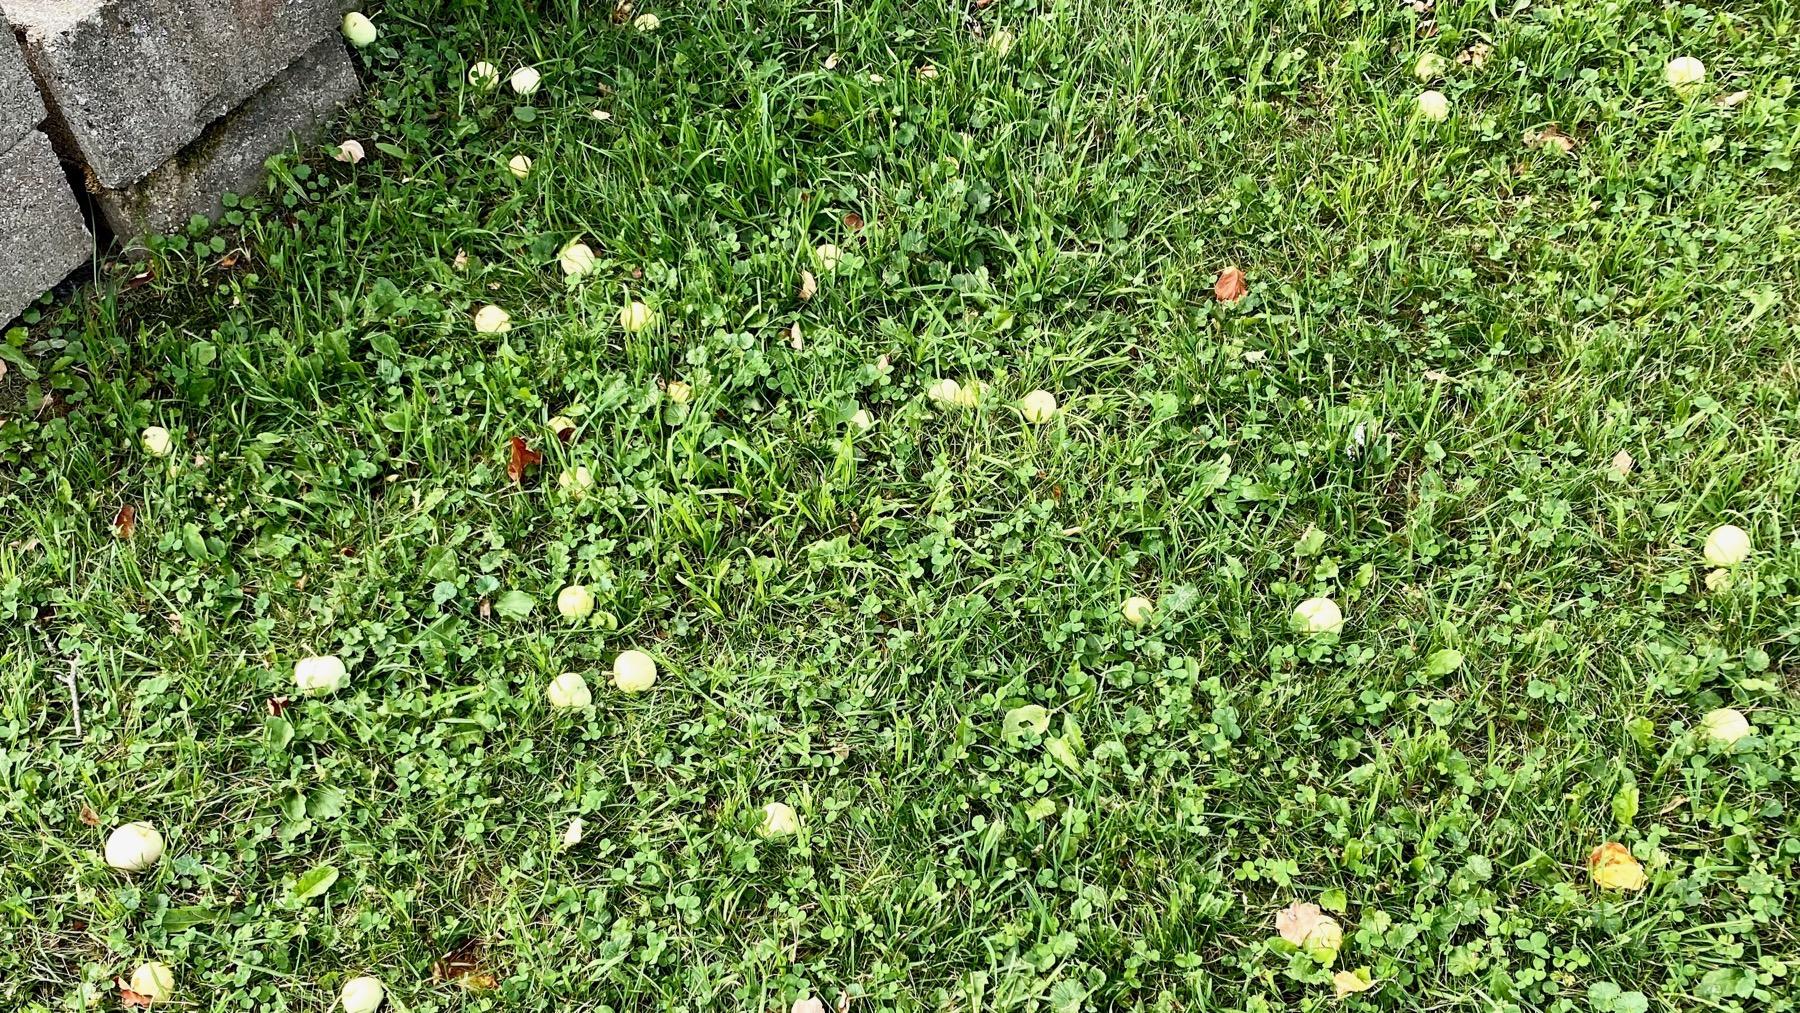 Down leaves apples